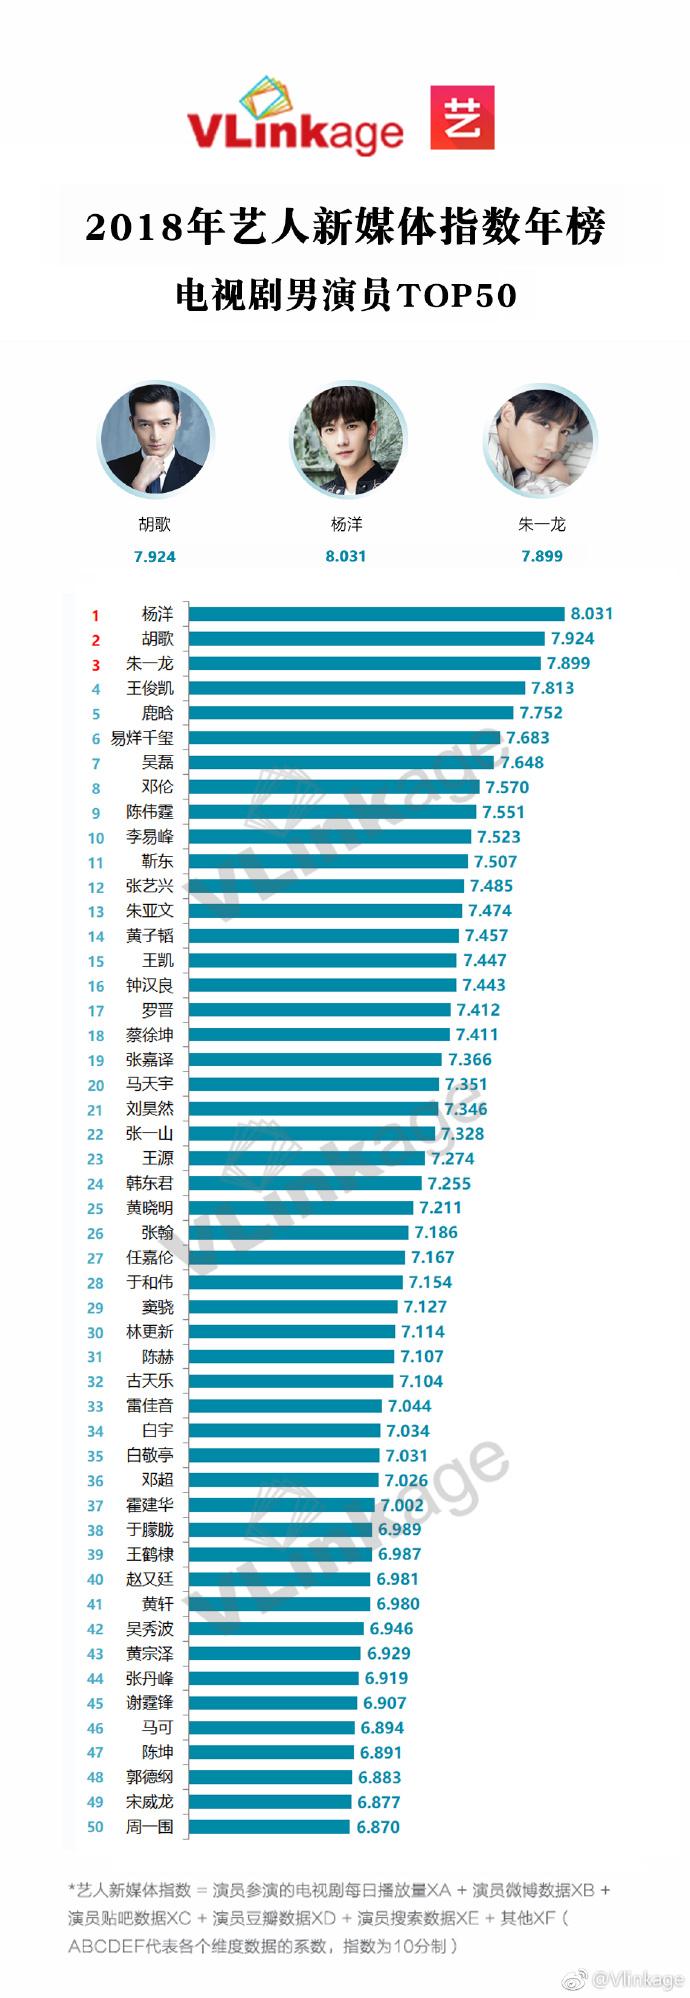 Danh sách 10 nam diễn viên Hoa ngữ có chỉ số truyền thông cao nhất năm 2018 - Ảnh 1